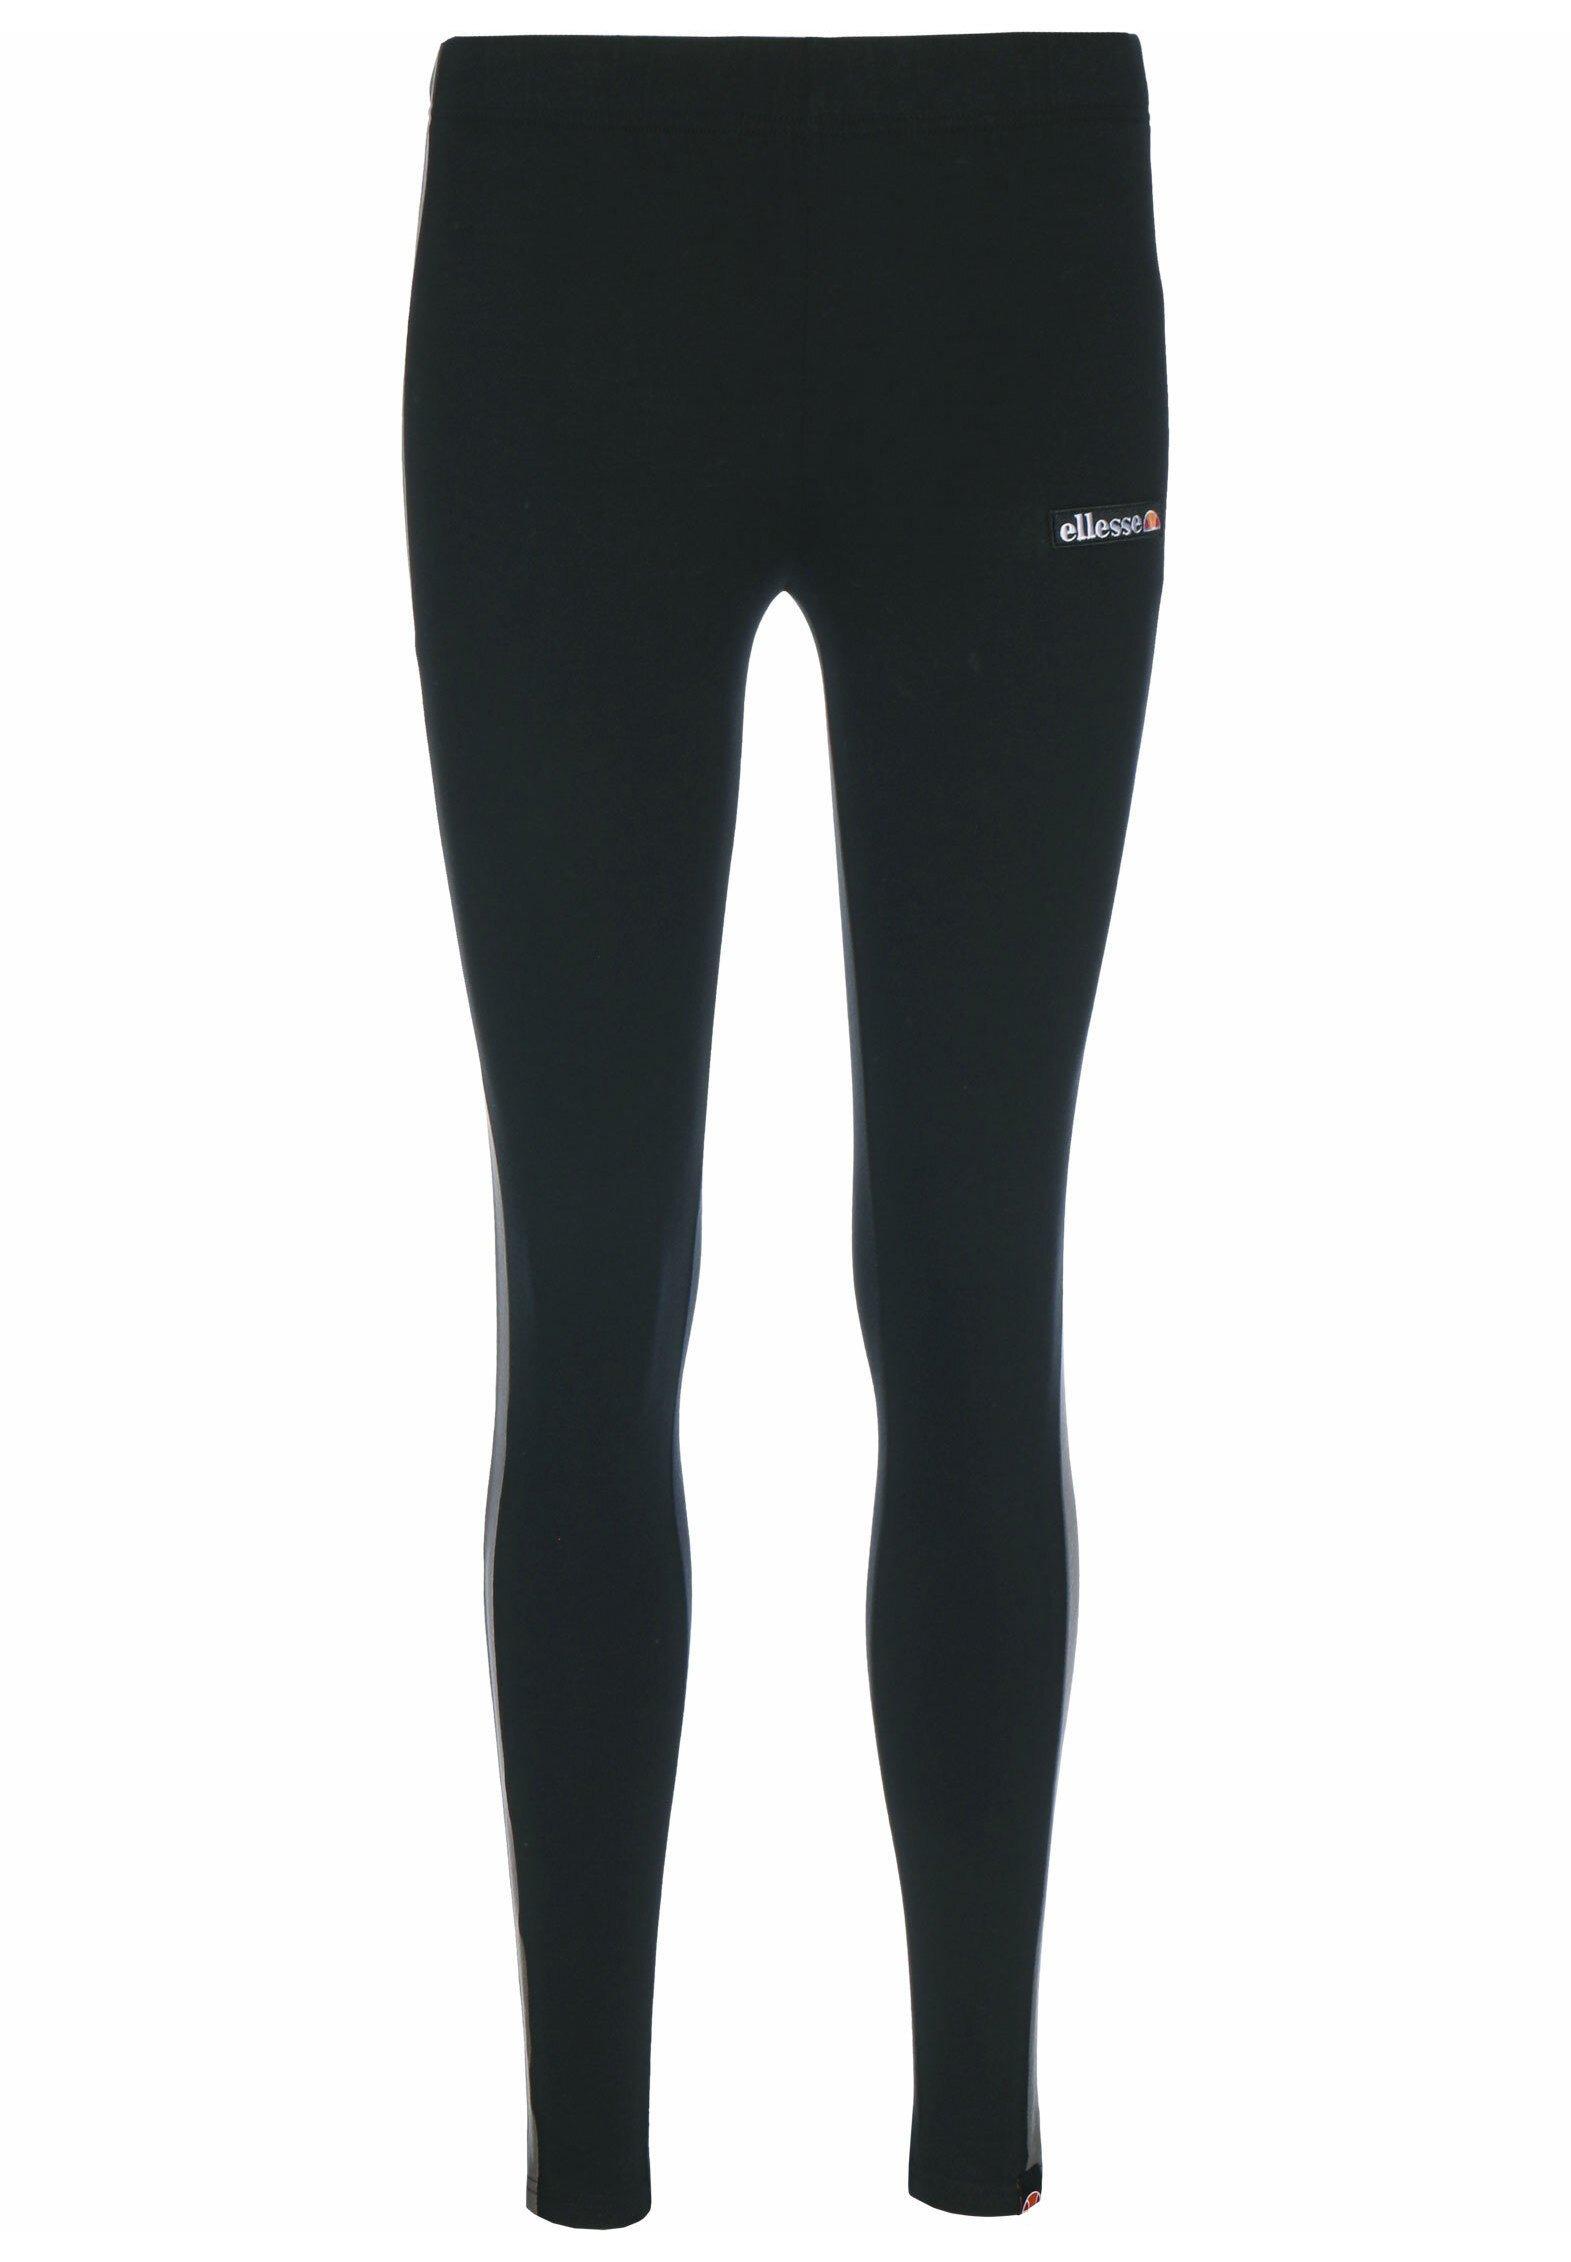 Damen SANDRA - Leggings - Hosen